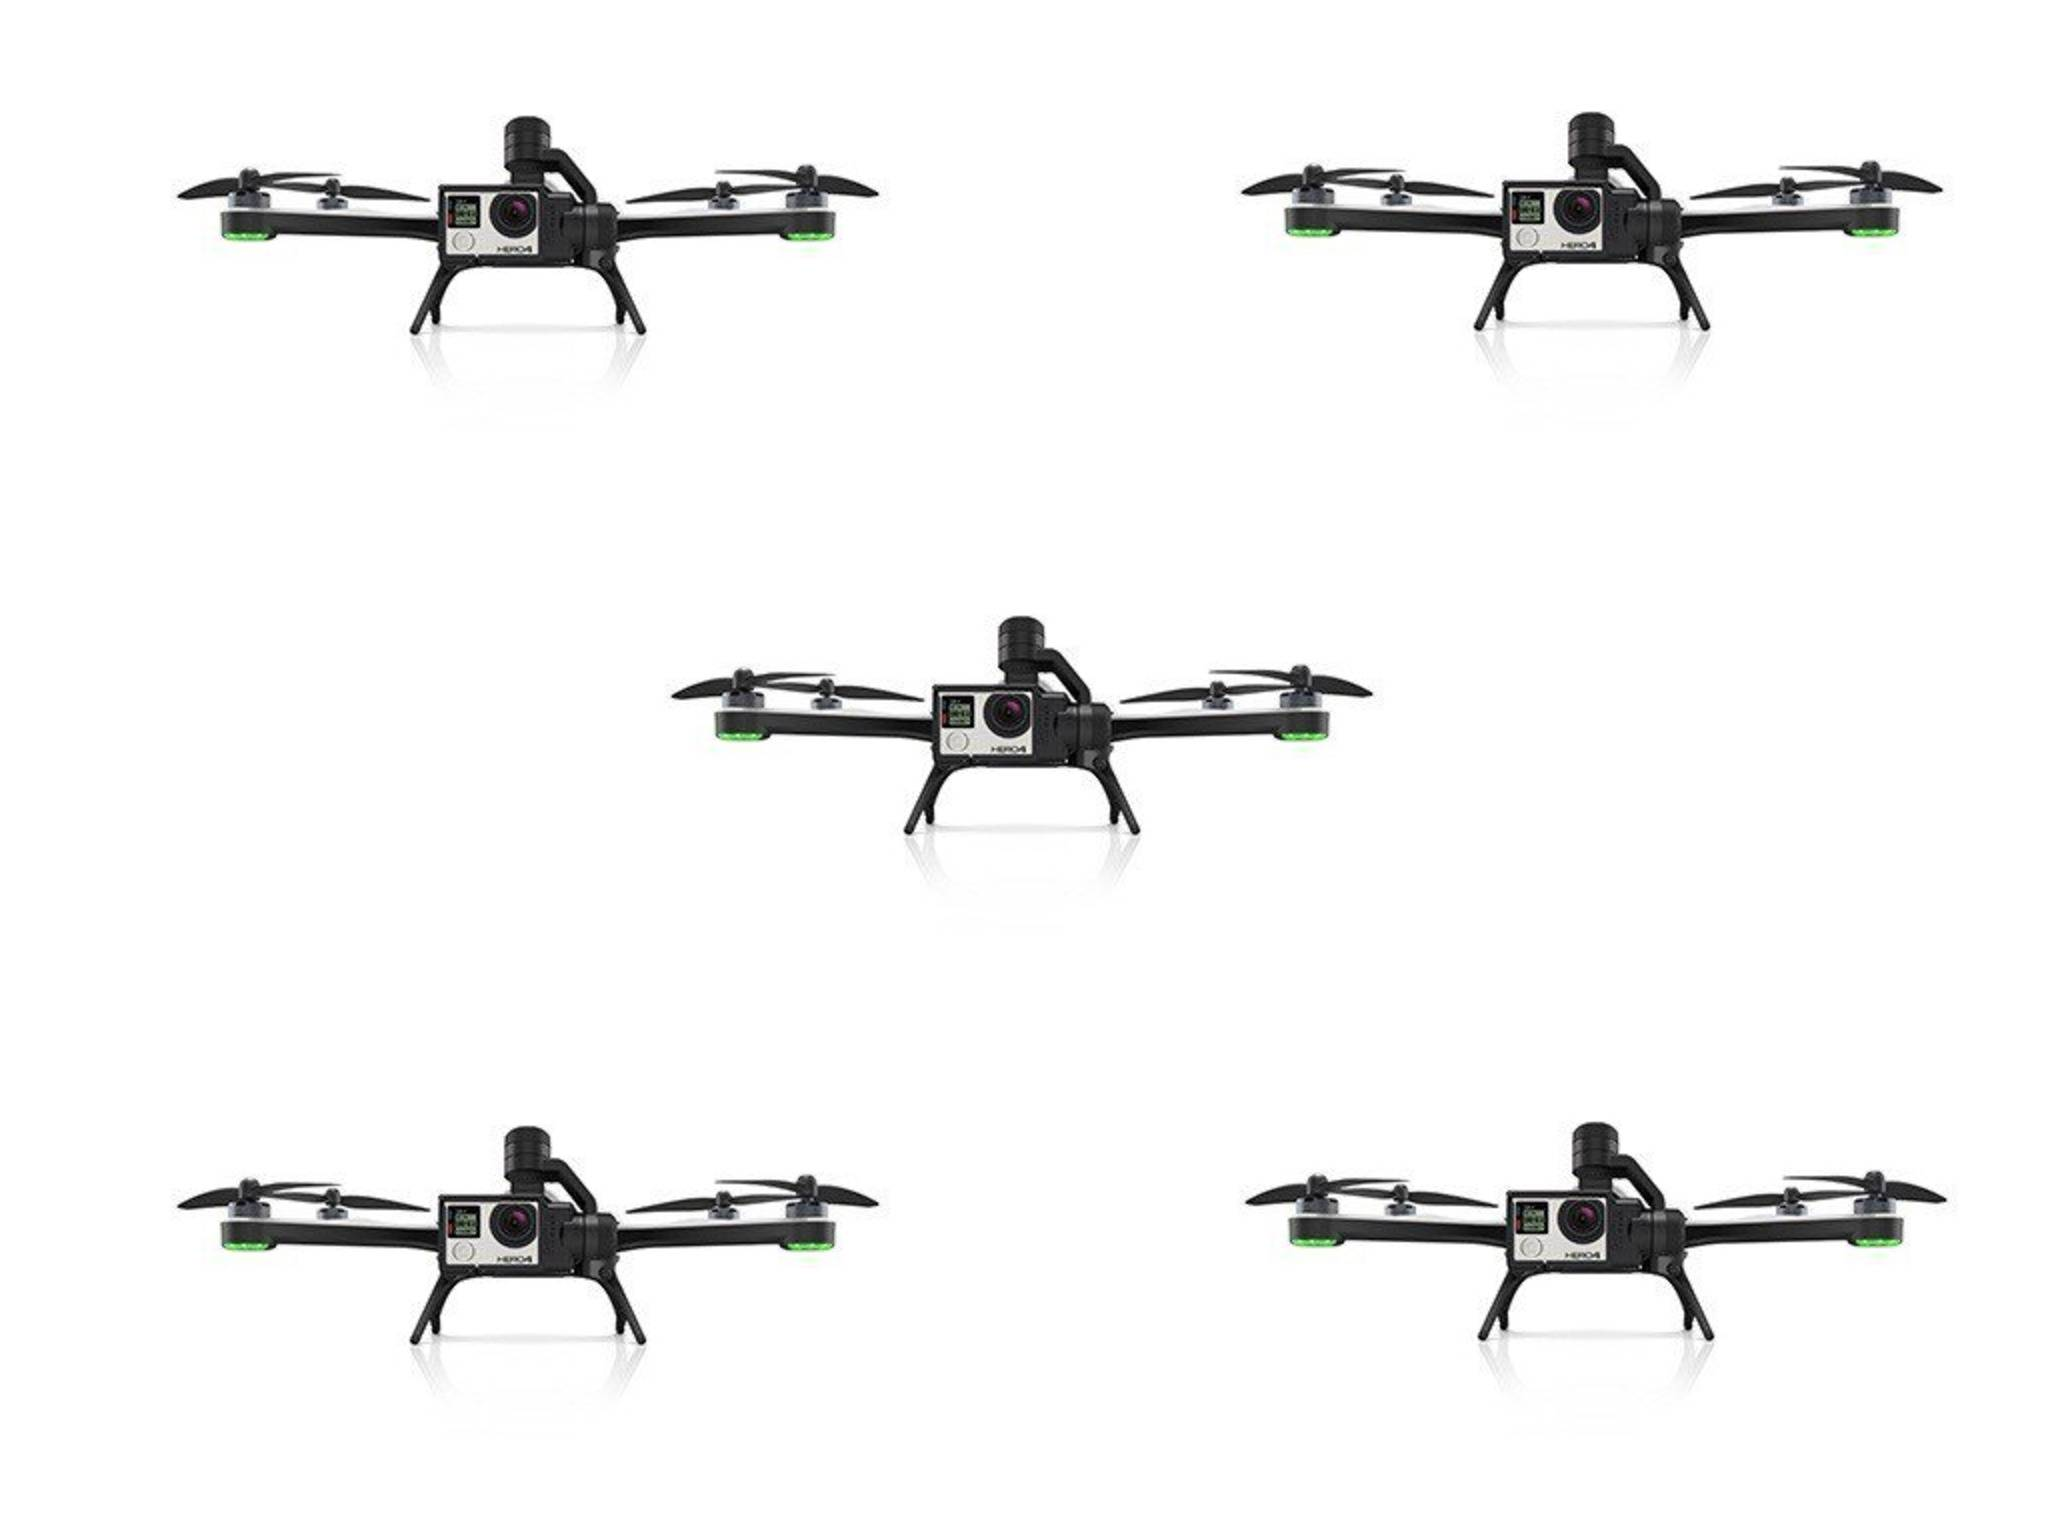 So soll die GoPro-Karma-Drohne angeblich aussehen.